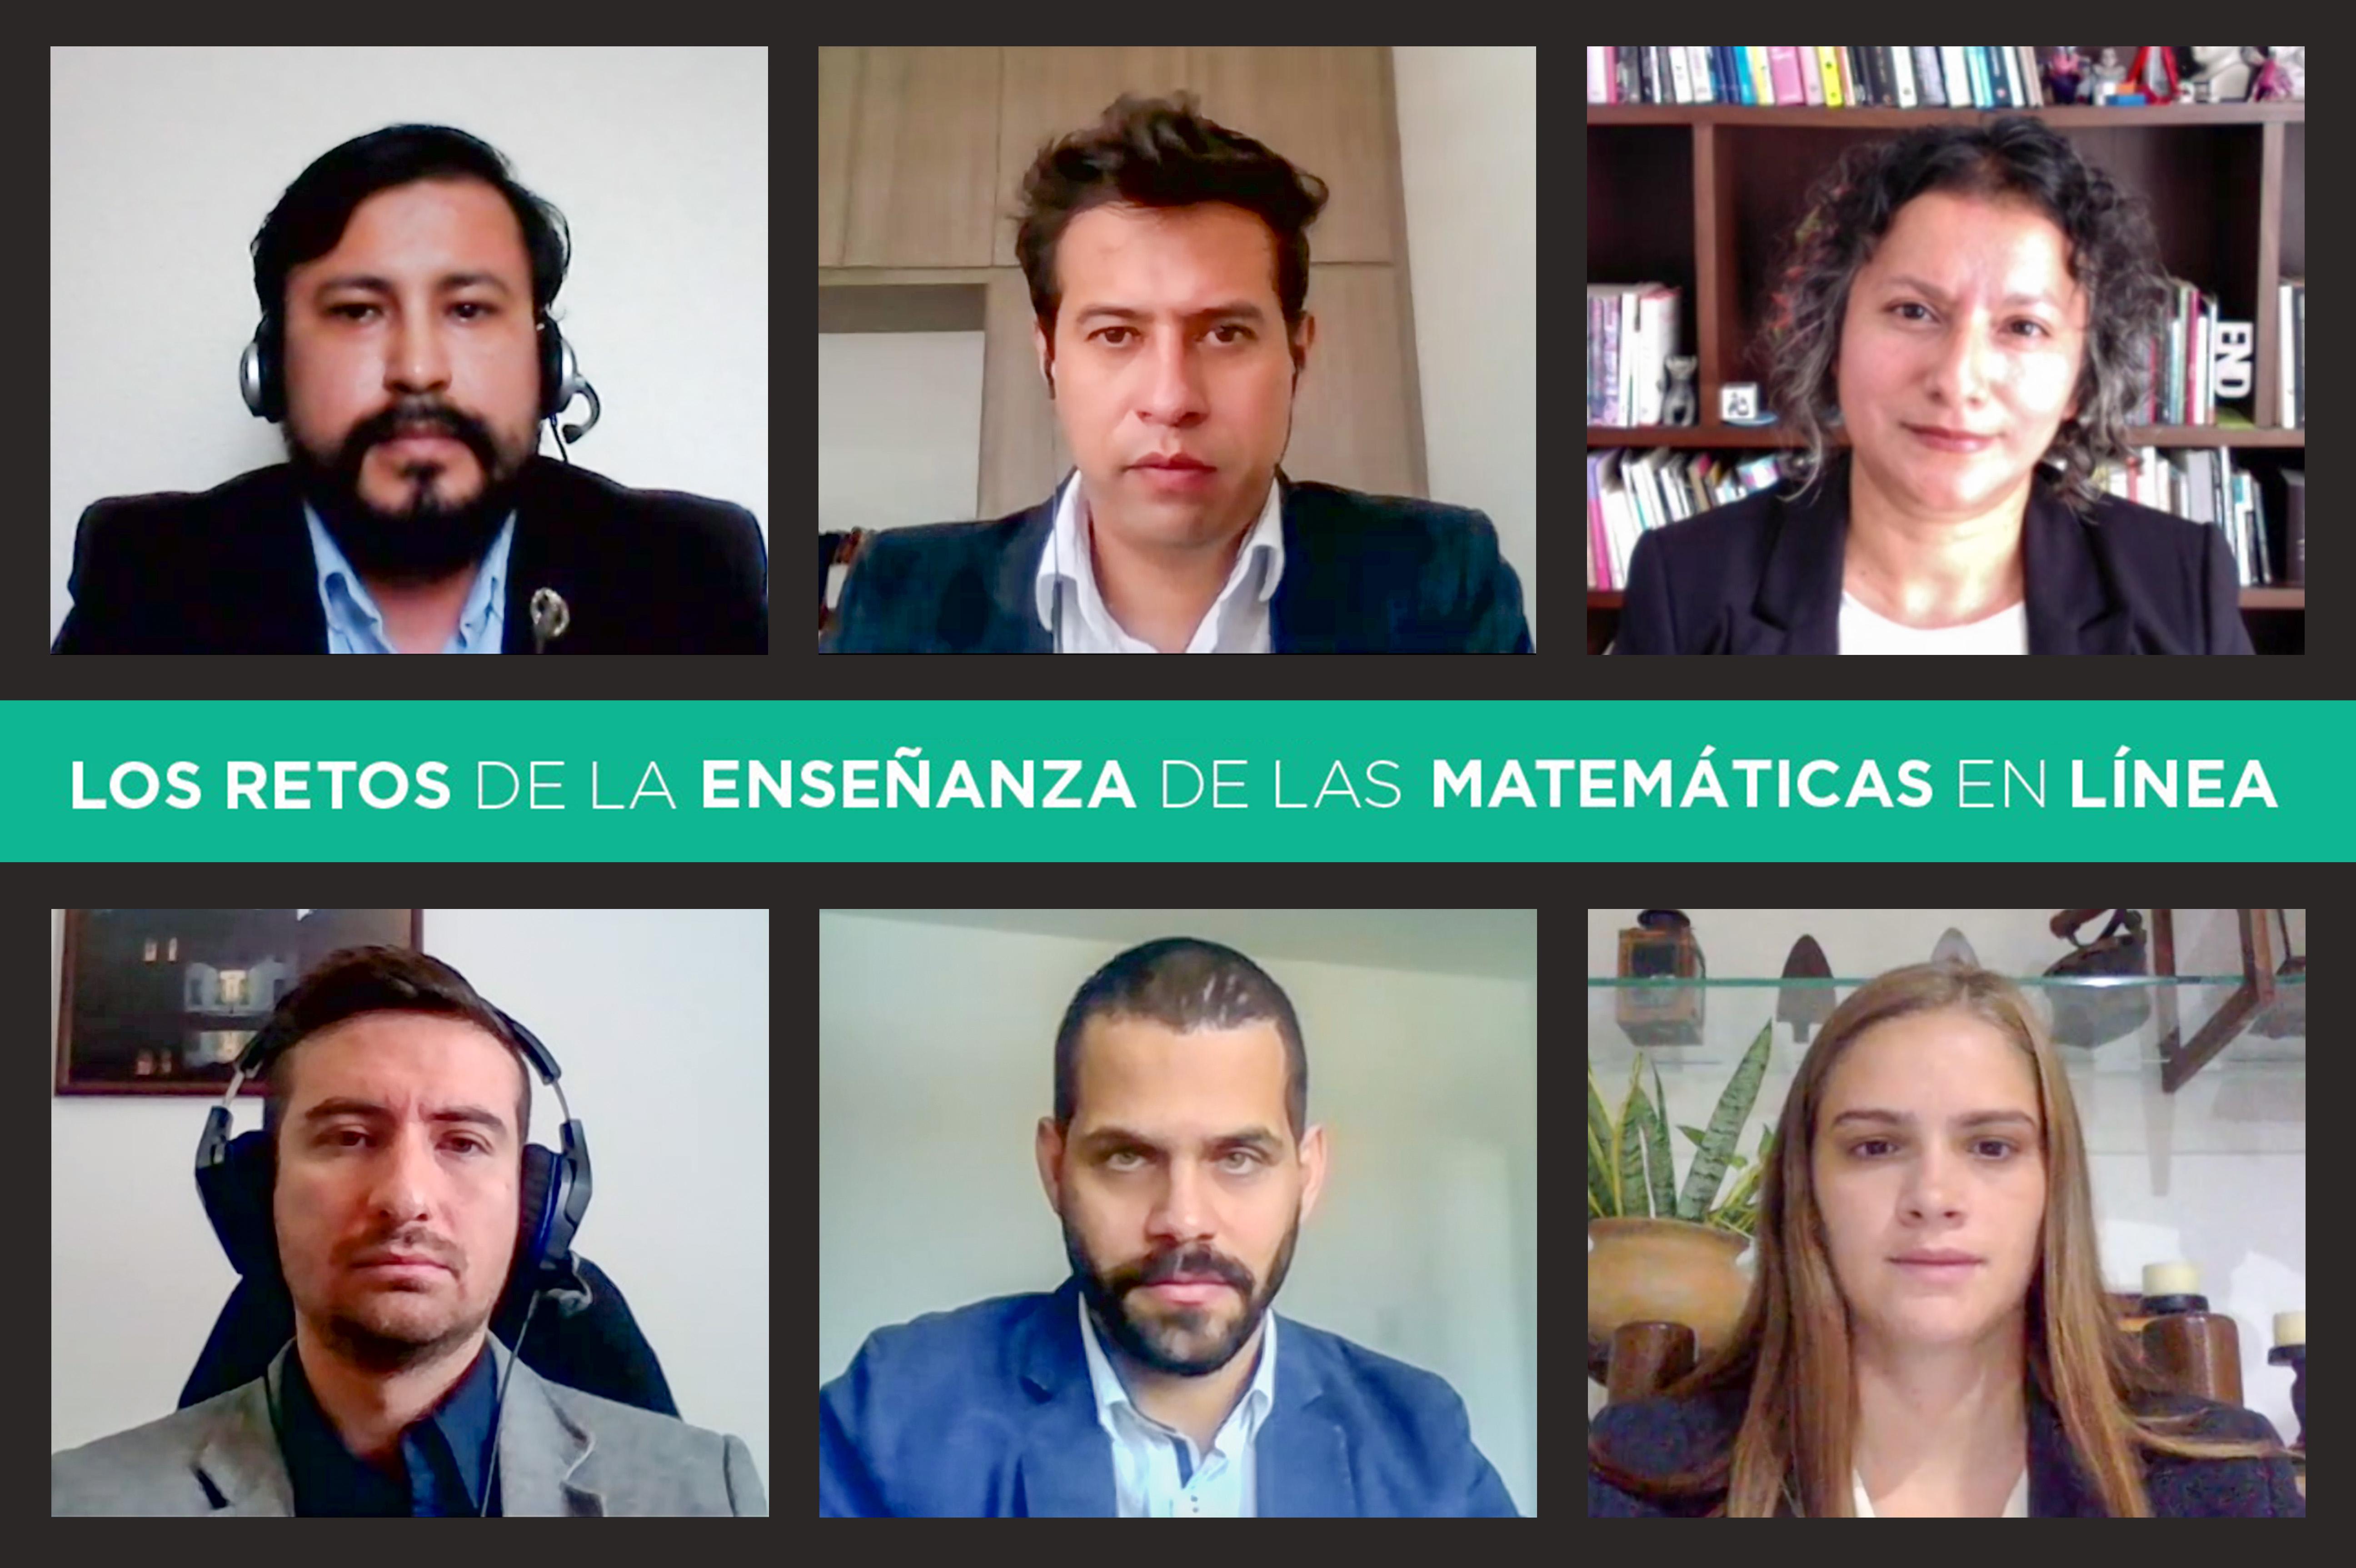 Motivación y preparación del curso, elementos importantes para la enseñanza de las matemáticas en línea